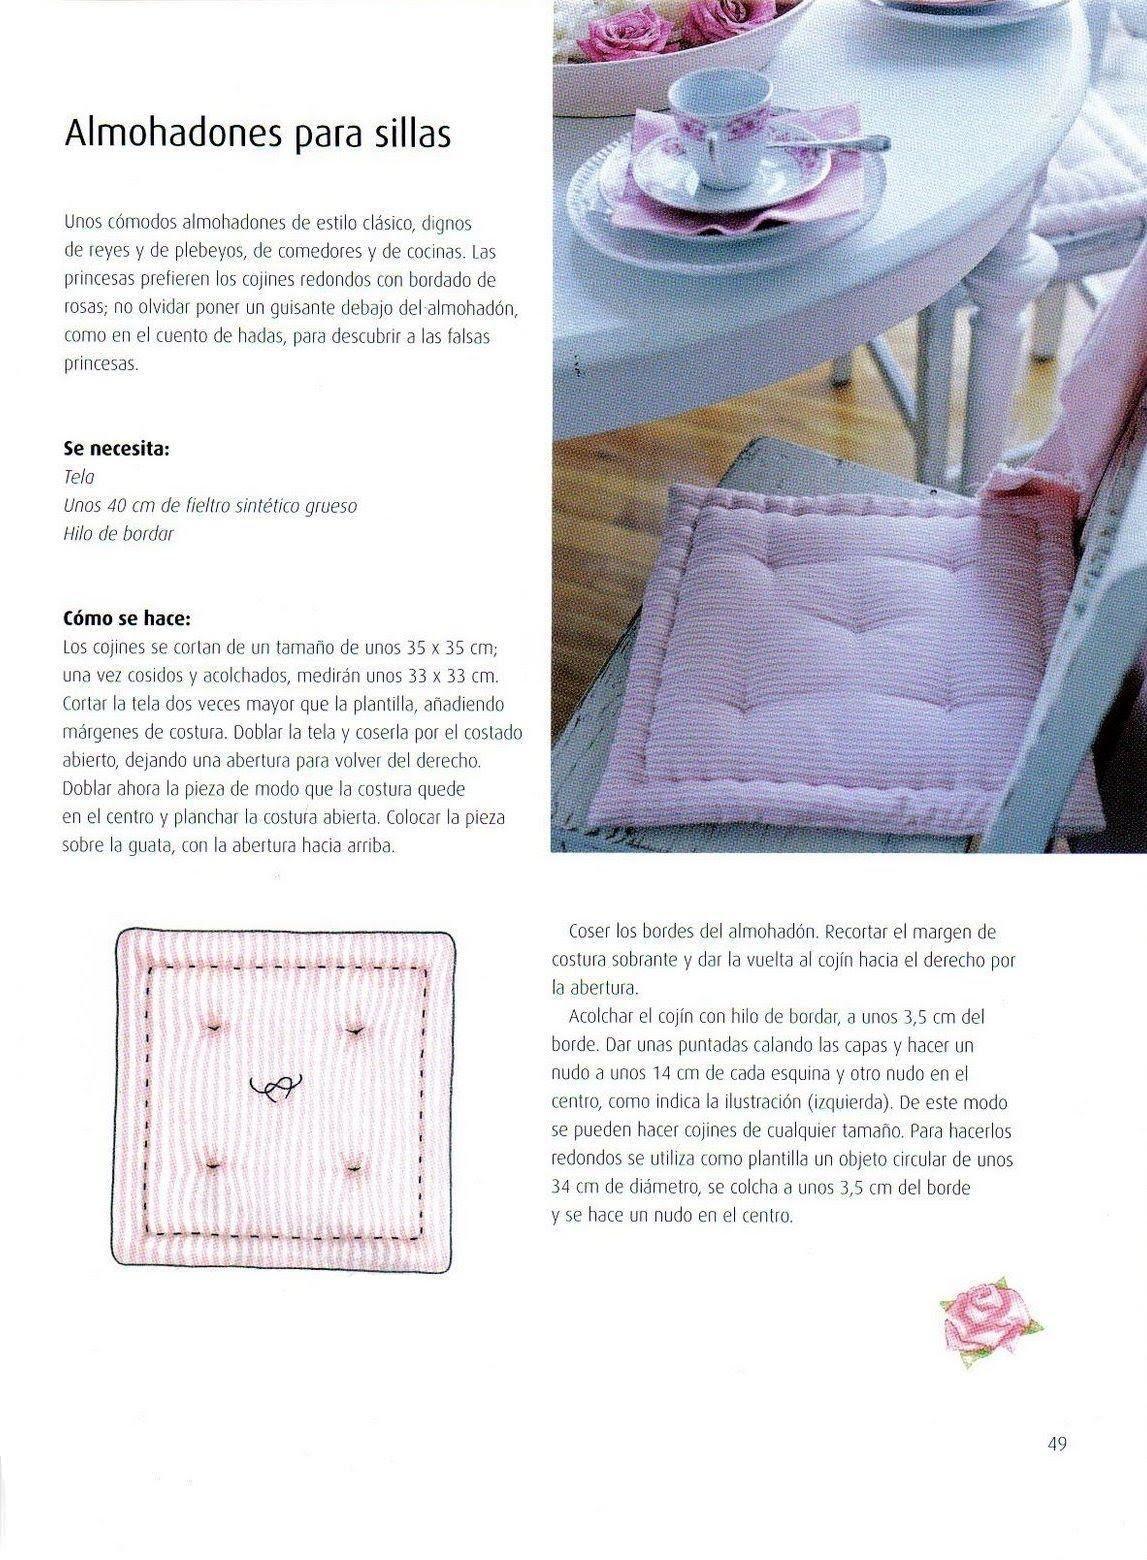 Janelas e Caminhos Artesanato Dicas e Idéias: Casa dos sonhos! Com  #465C85 1147x1560